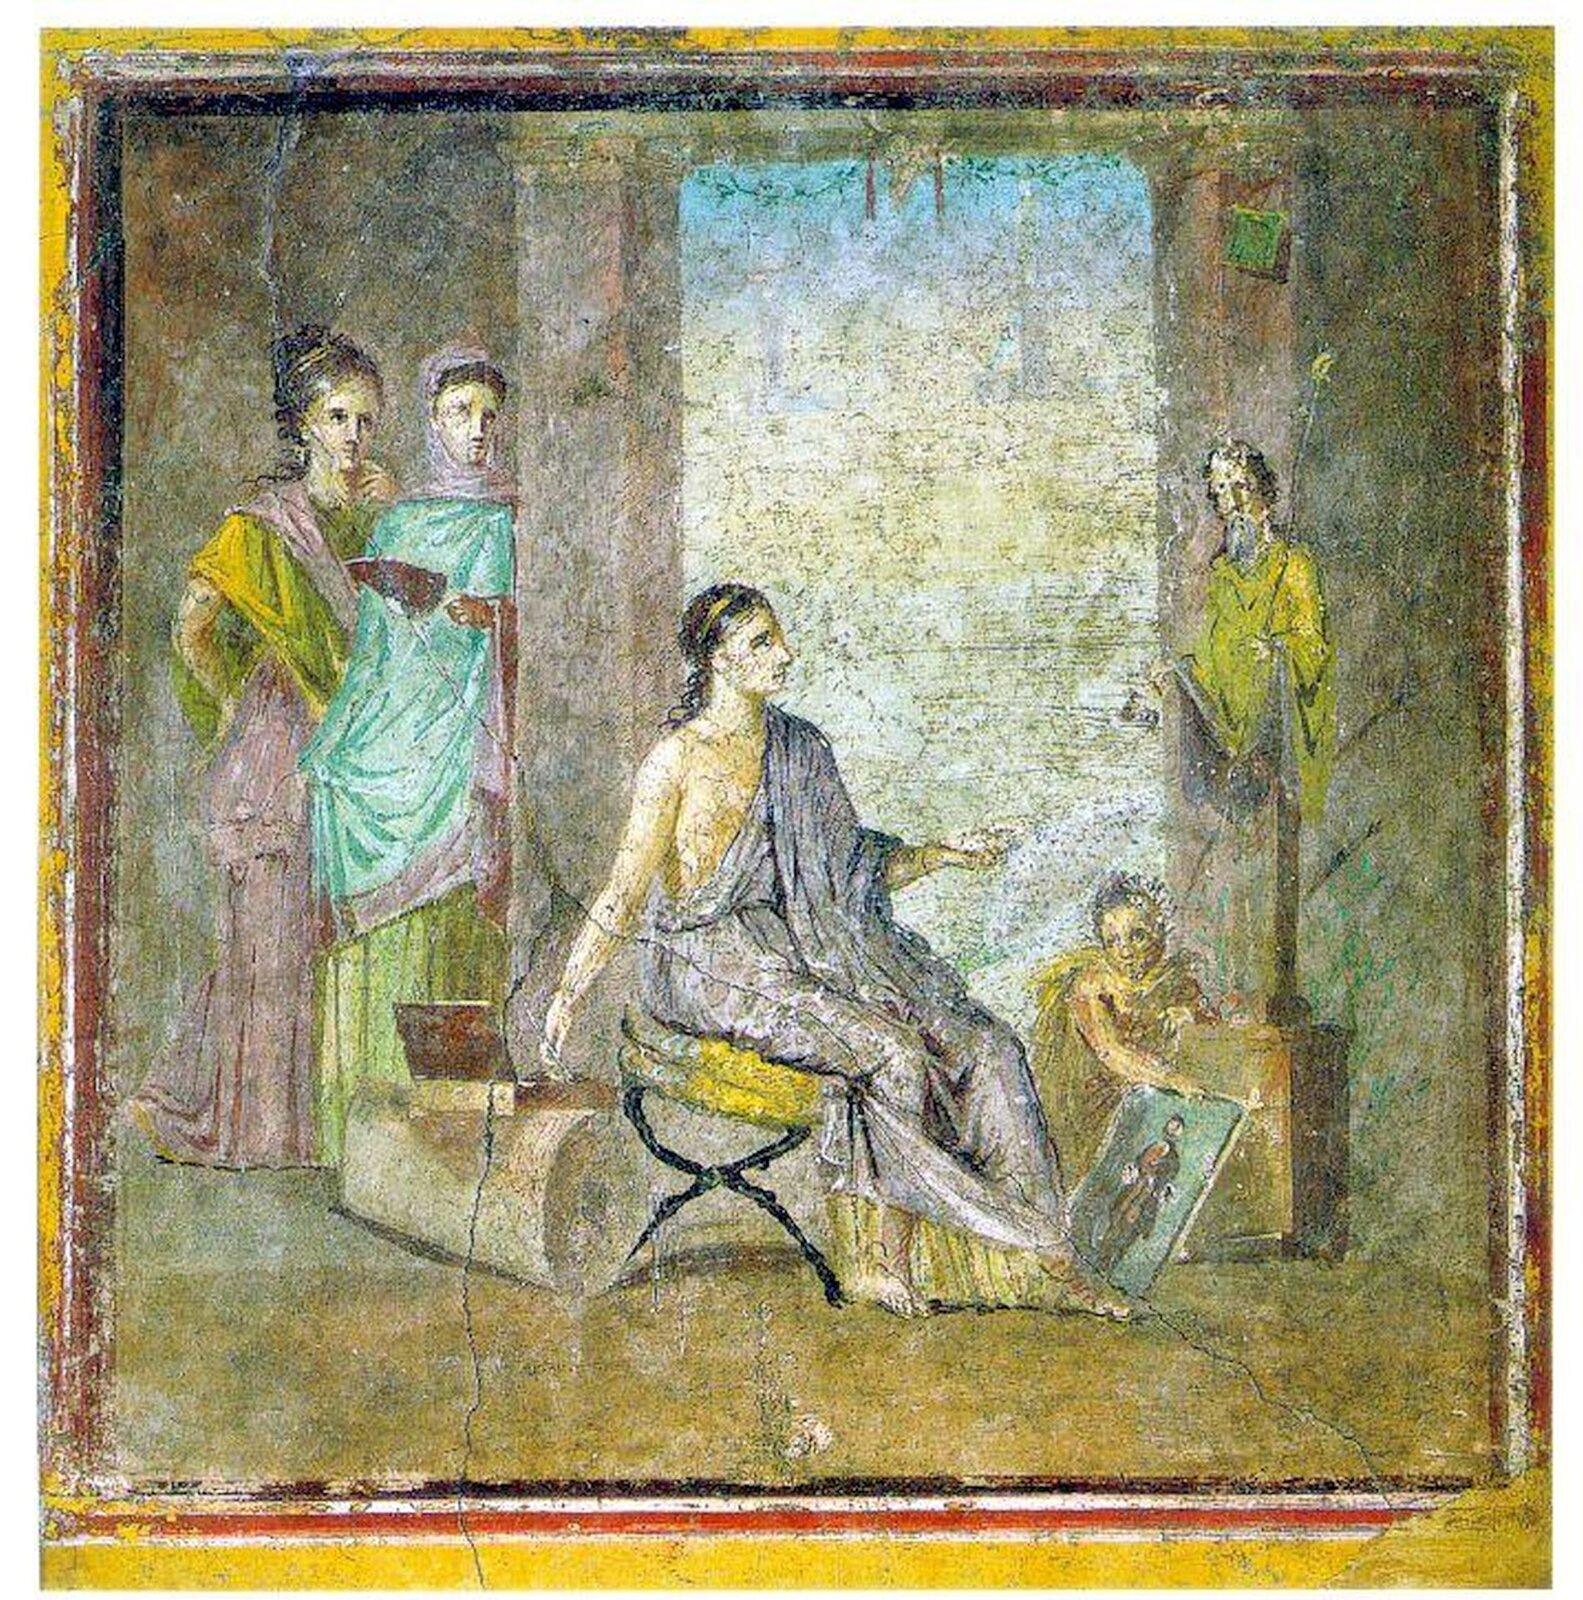 """Fresk nieznanego autora pod tytułem """"Malarka"""" przedstawia tytułową kobietę, która tworzy obraz. Siedzi ona na żółtym krześle. Ma długie ciemne włosy. Tuż obok jej stóp leży malowany obraz. Scenie przyglądają się dwie młode kobiety schowane za kolumną. Malarka przygląda się rzeźbie, którą chce uwiecznić. Asystuje jej małe dziecko."""